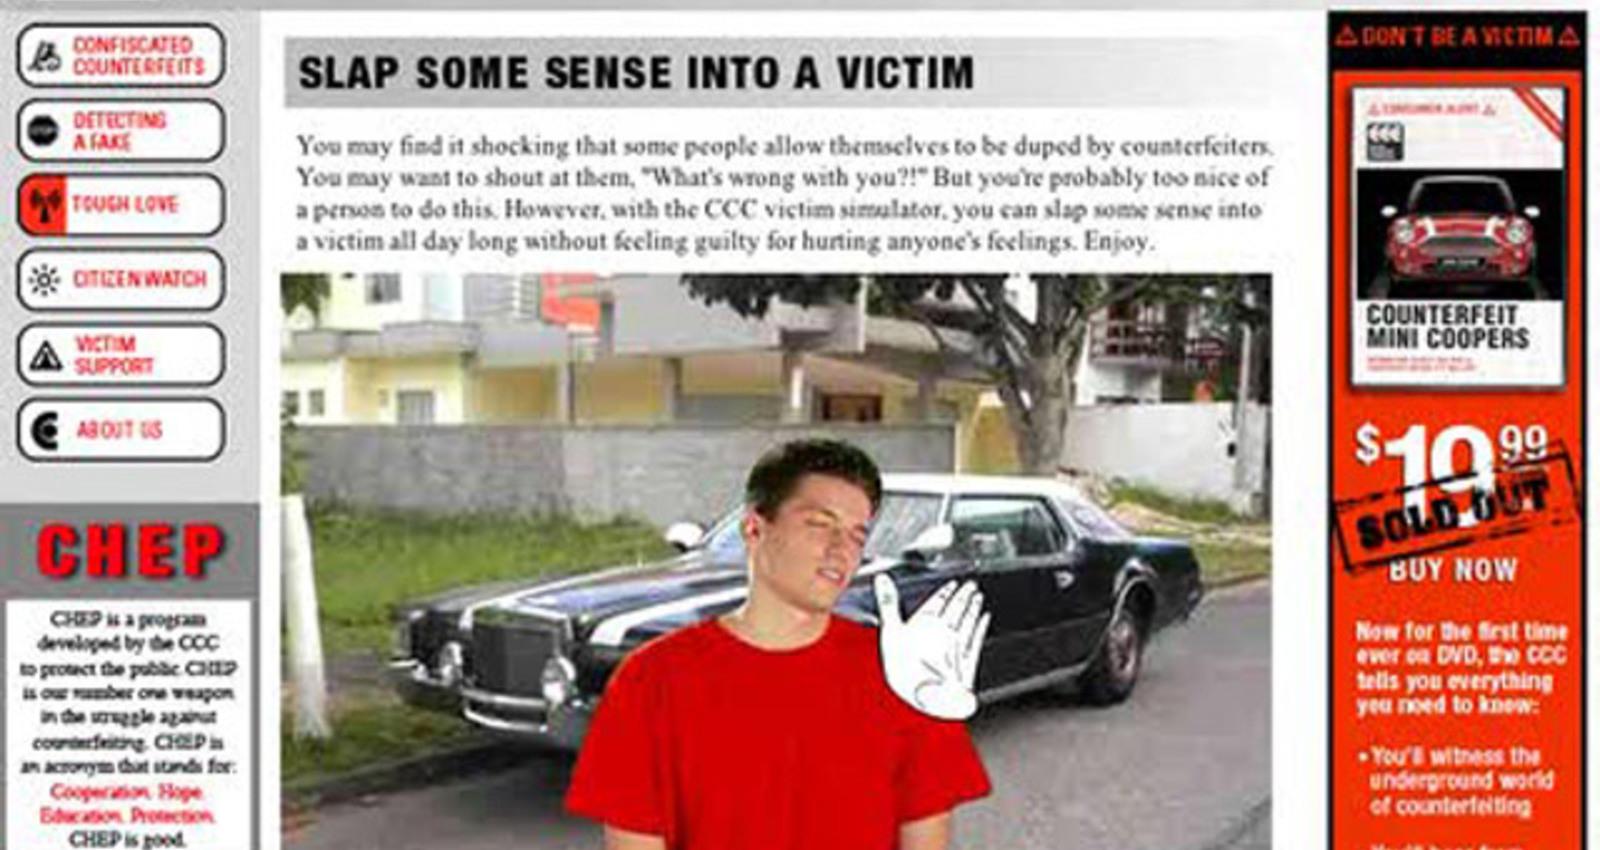 Slap Some Sense into a Victim